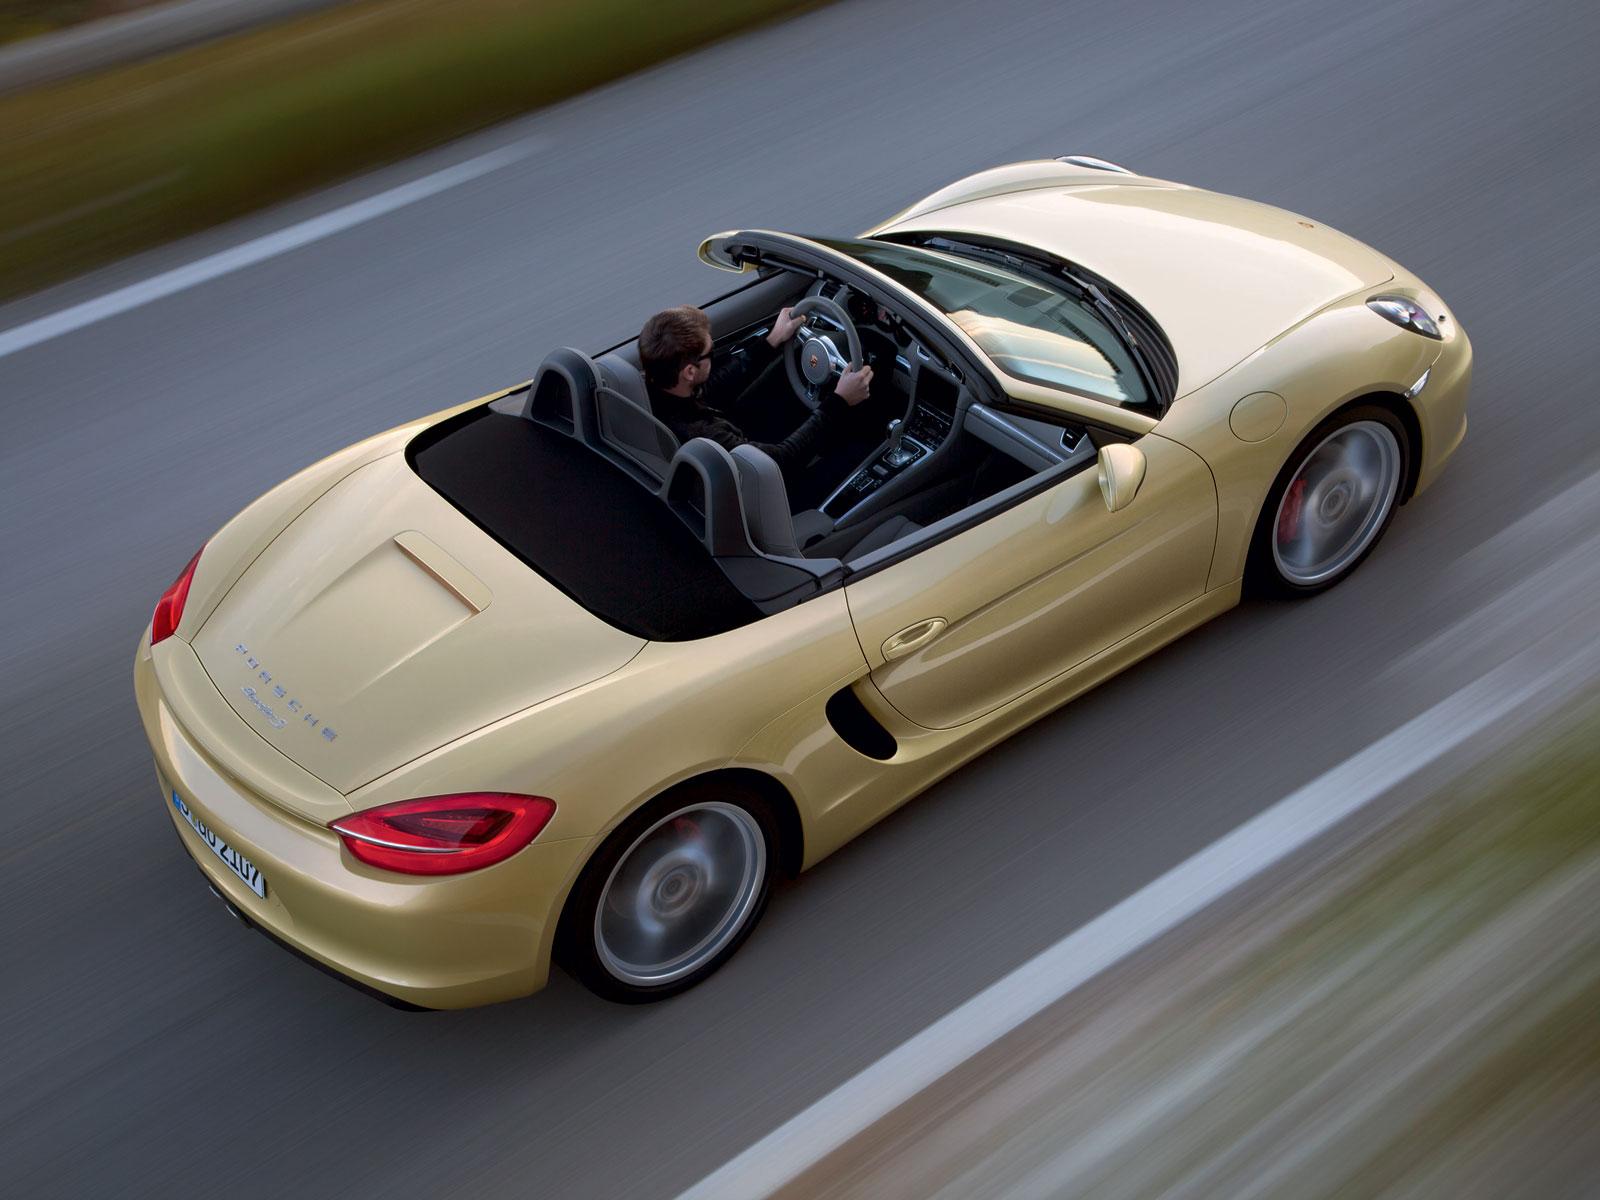 2012 Porsche Boxster (c) Porsche